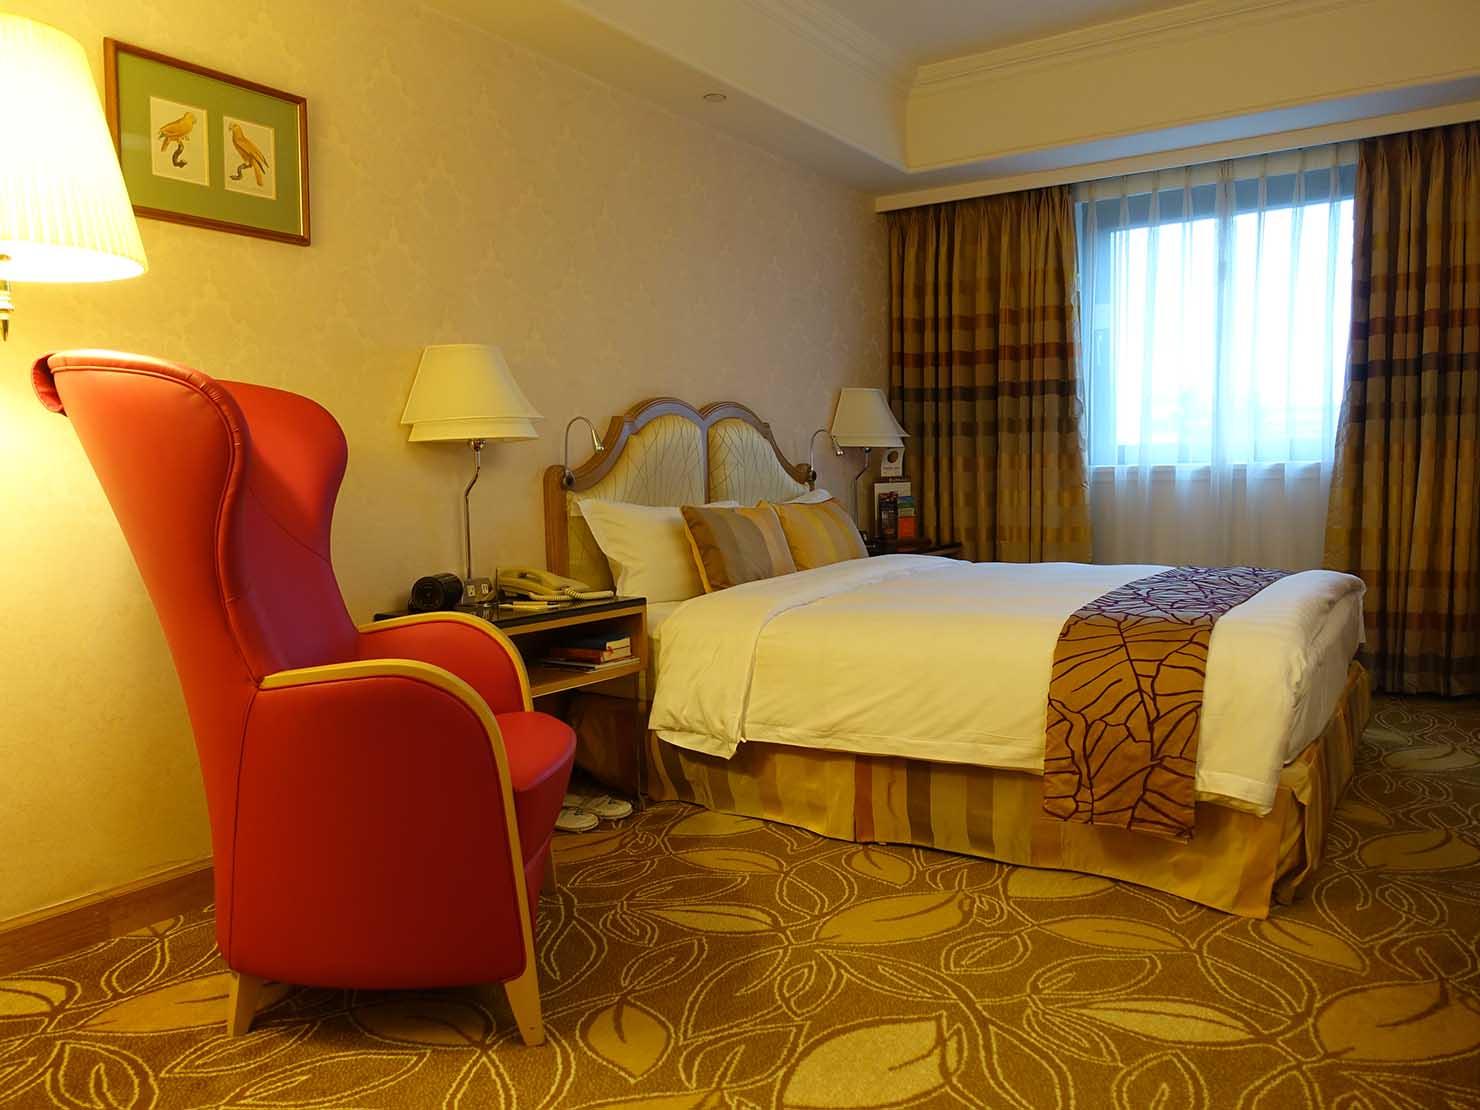 台北のおすすめ4つ星ホテル「歐華酒店(リビエラホテル)」エグゼクティブダブルのベッドルーム